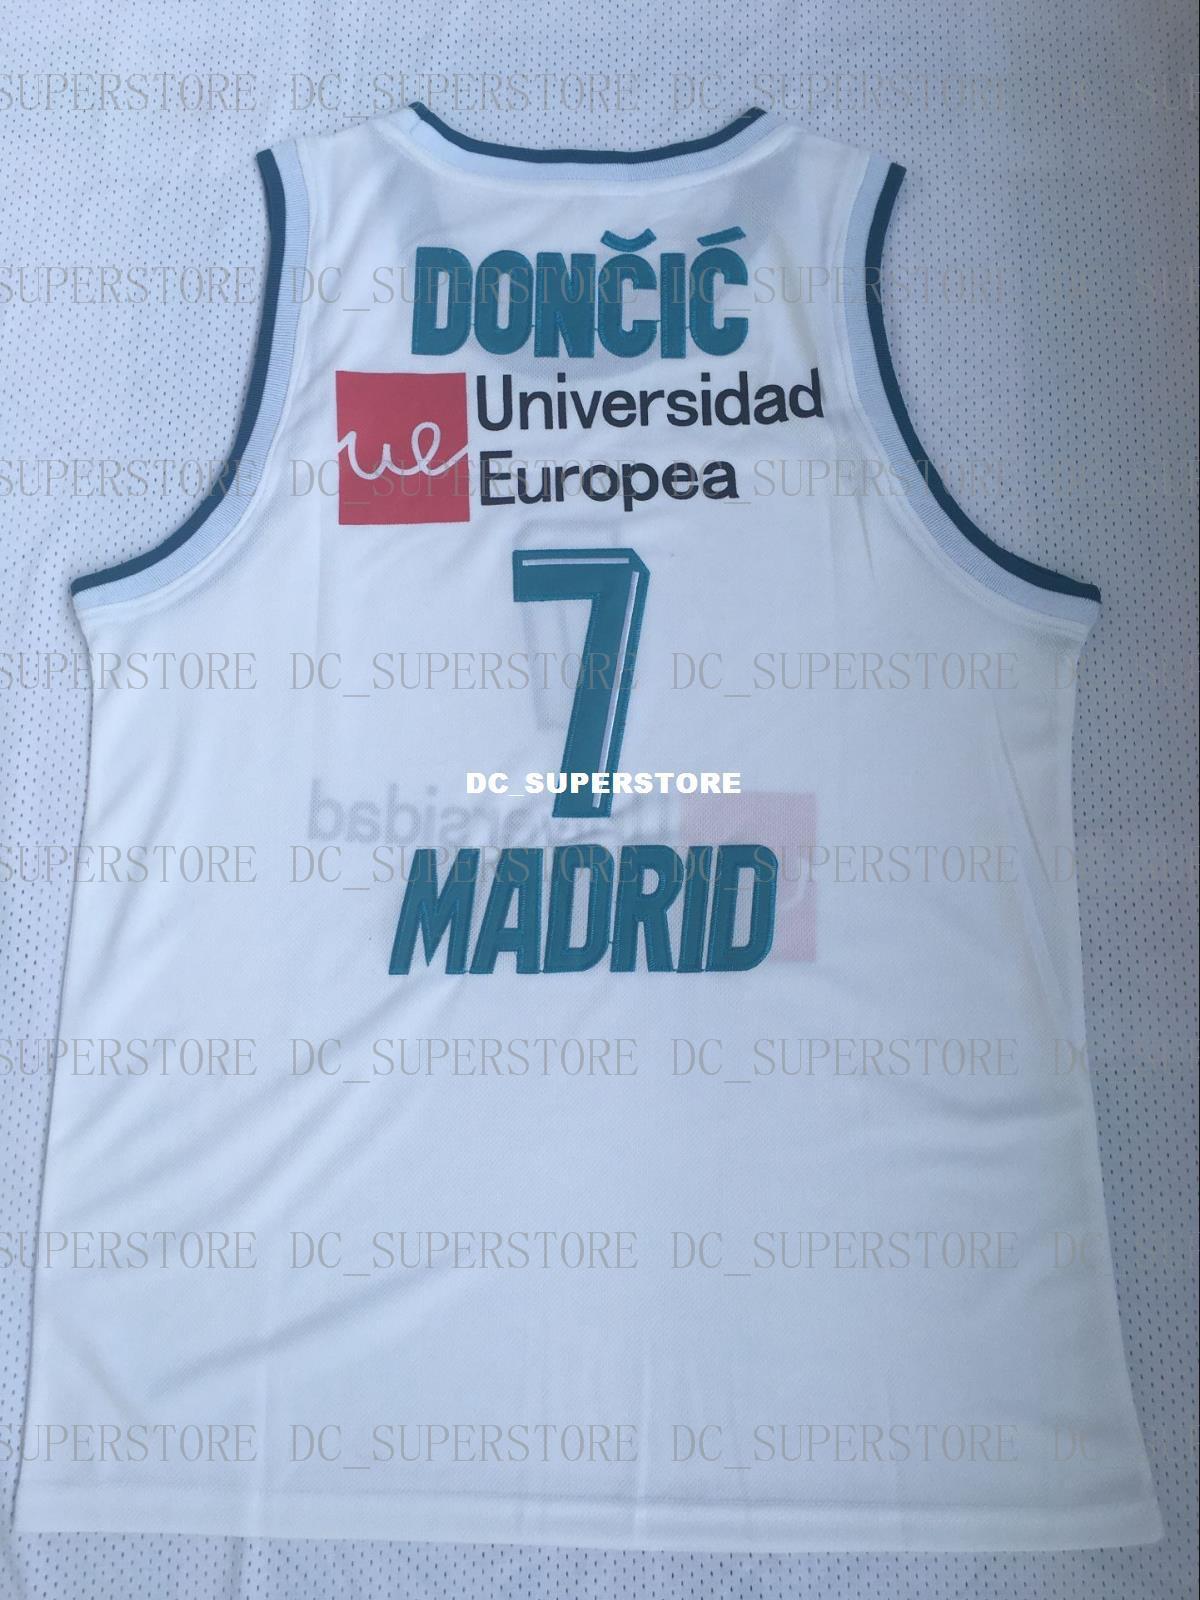 a145dbadca118 Acheter Maillot De Basketball Pas Cher Luka Doncic Madrid Euroligue Blanc  NEUF De Haute Qualité De $34.02 Du Dc_superstore | DHgate.Com